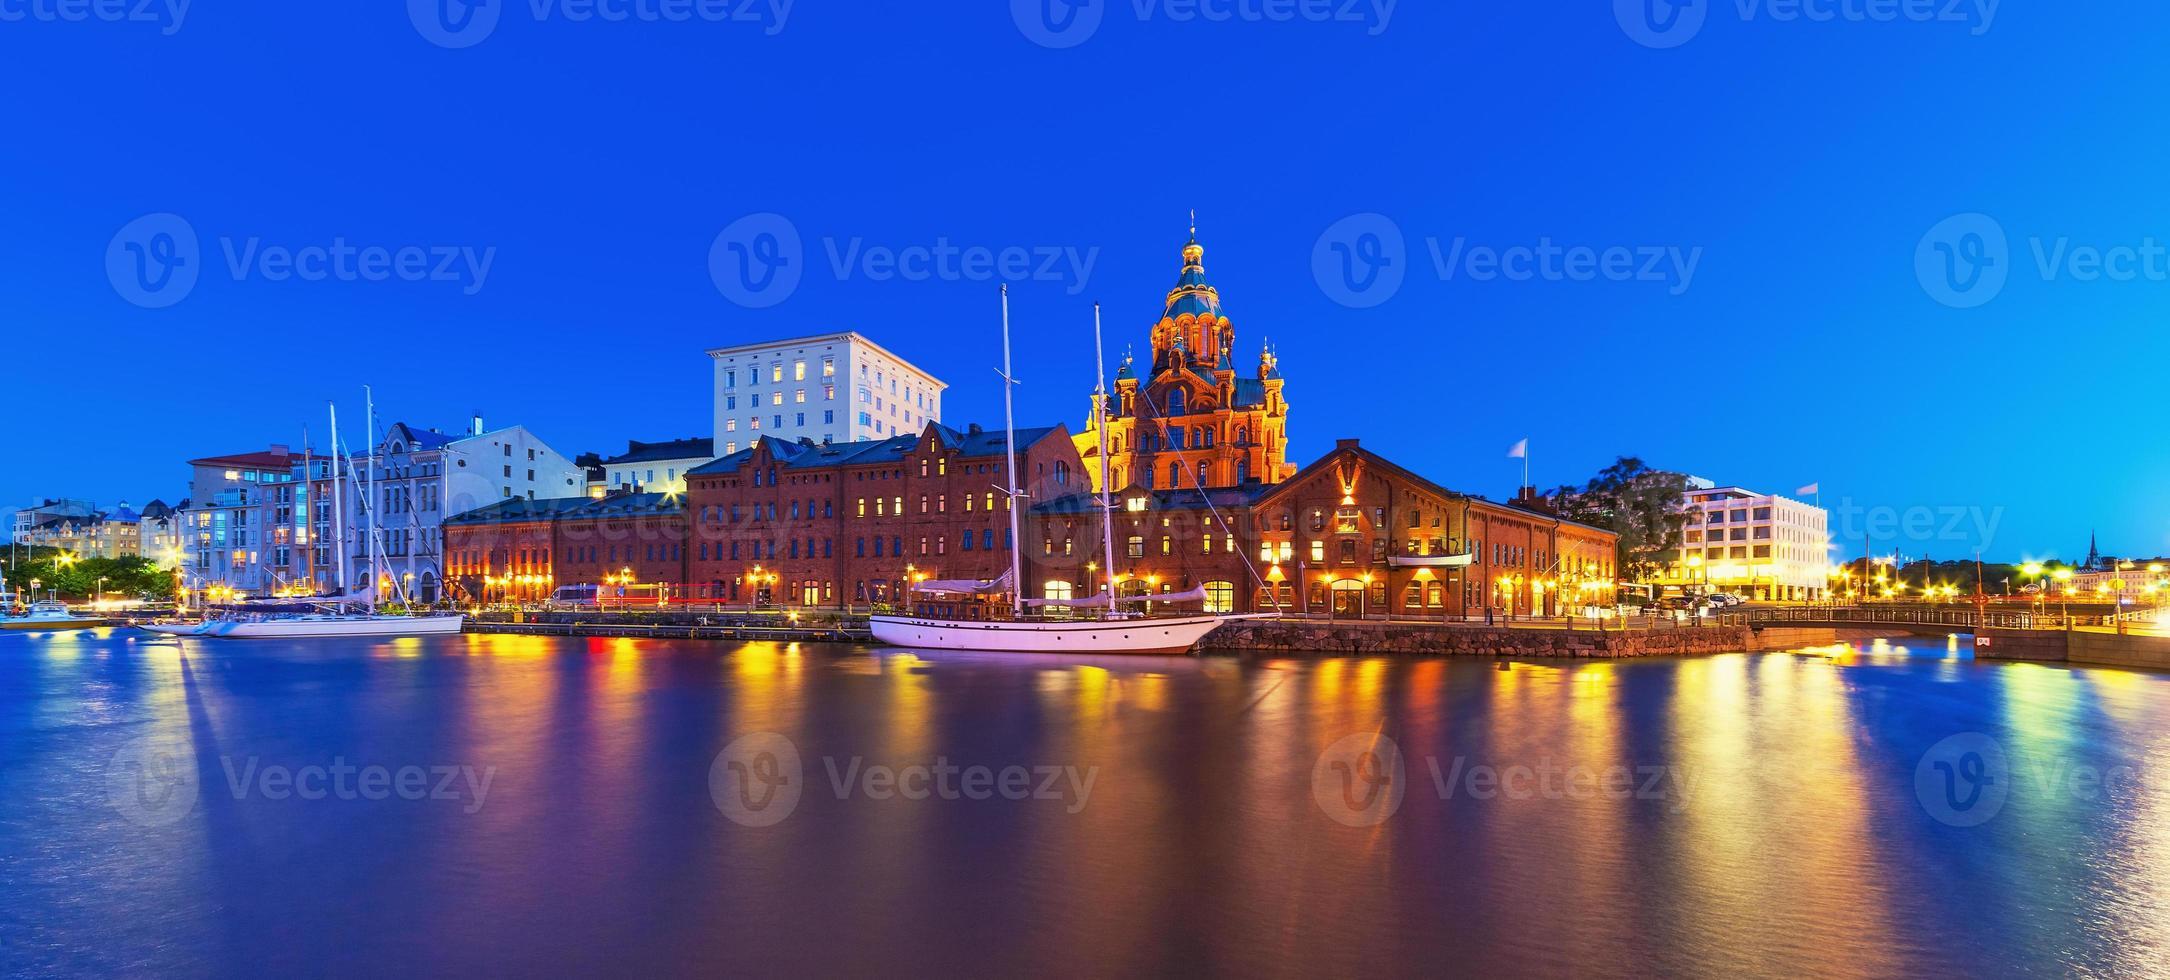 Panorama de nuit de la vieille ville d'Helsinki, Finlande photo